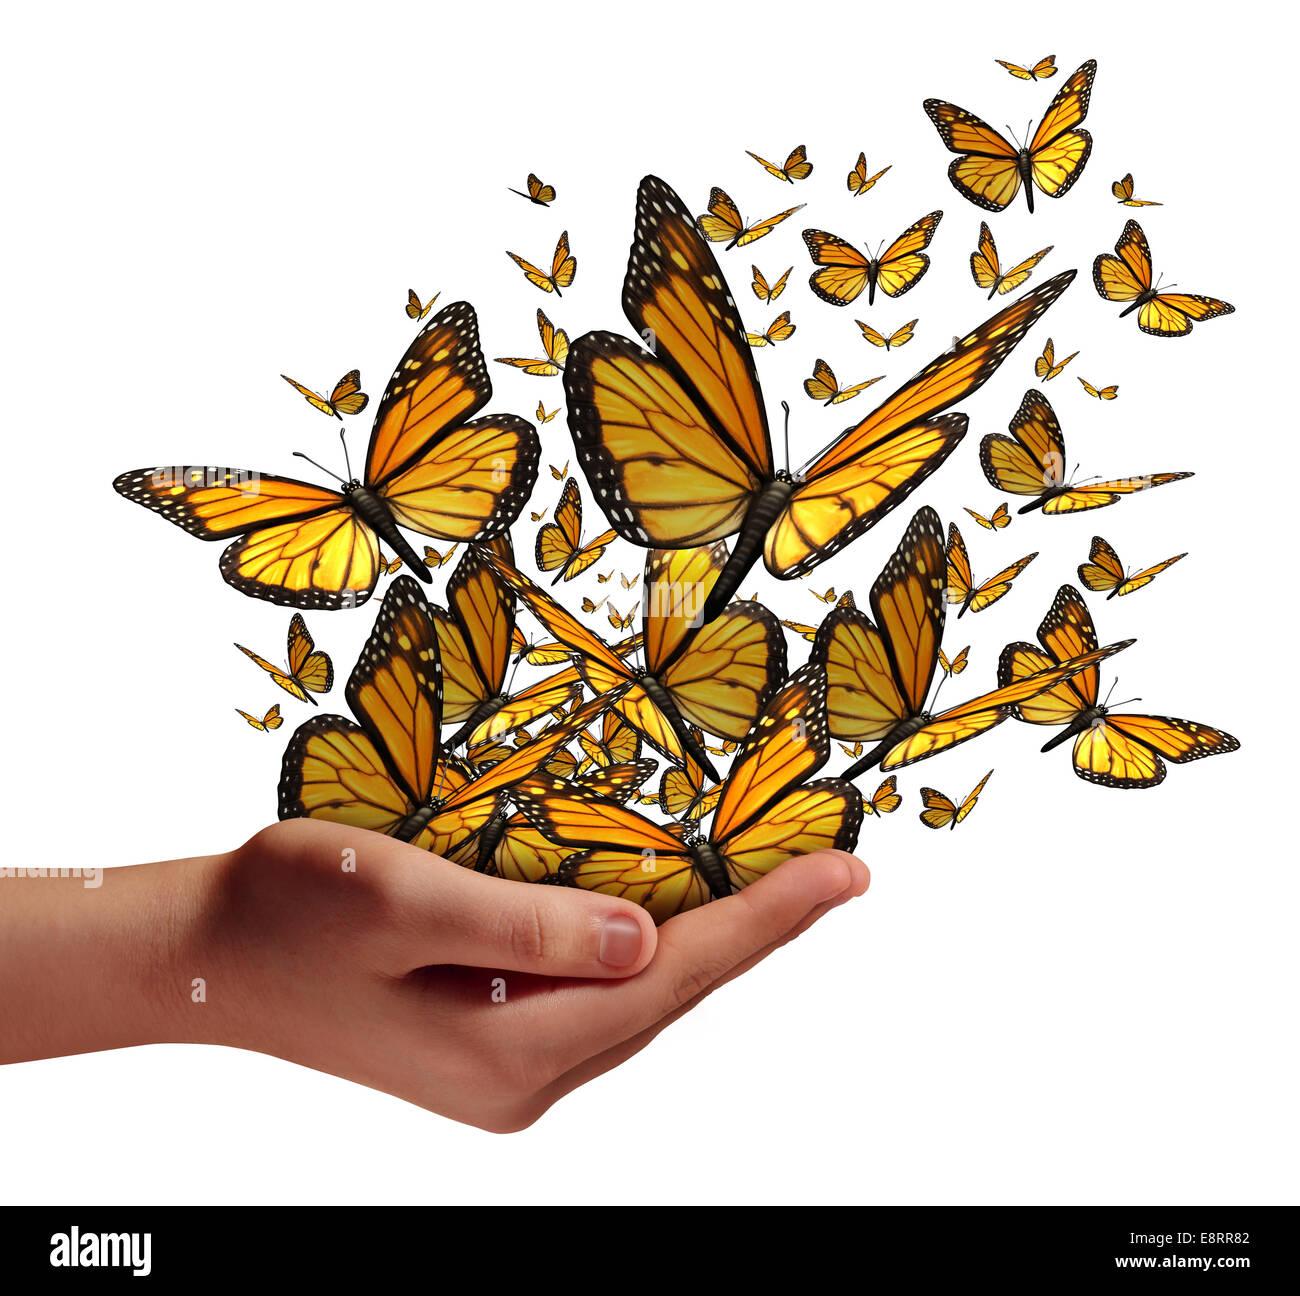 L'espoir et la liberté concept comme une main humaine la libération d'un groupe de papillons comme un symbole pour Banque D'Images